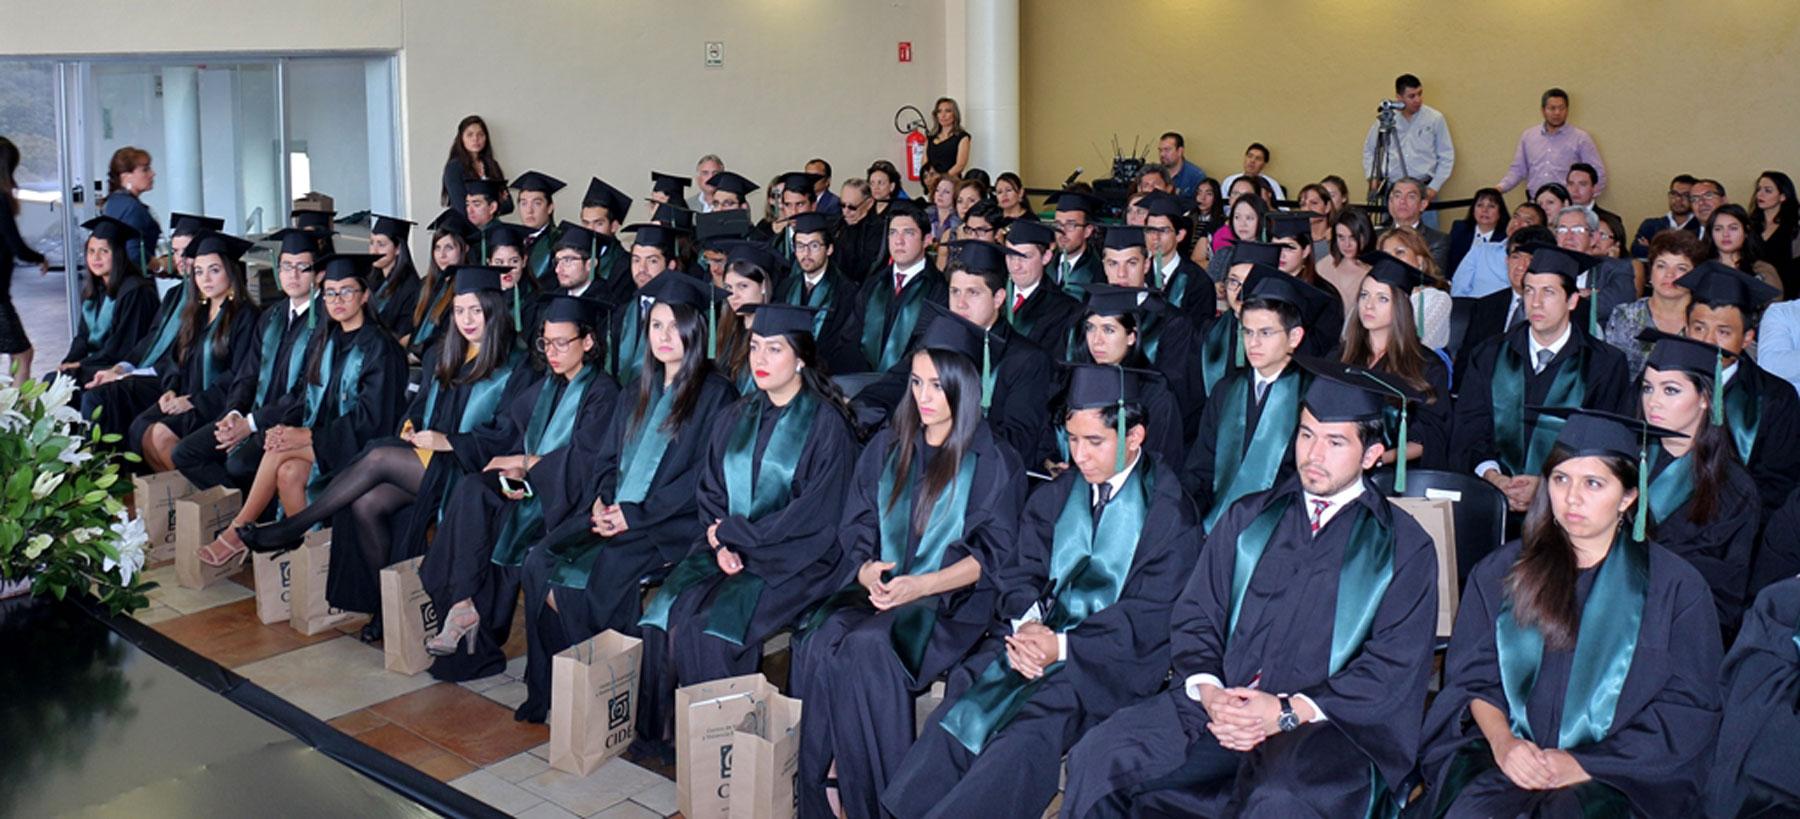 """""""Ustedes son profundamente afortunados al tener una educación de calidad y excelencia"""".- Eduardo Bohórquez a egresados del CIDE"""